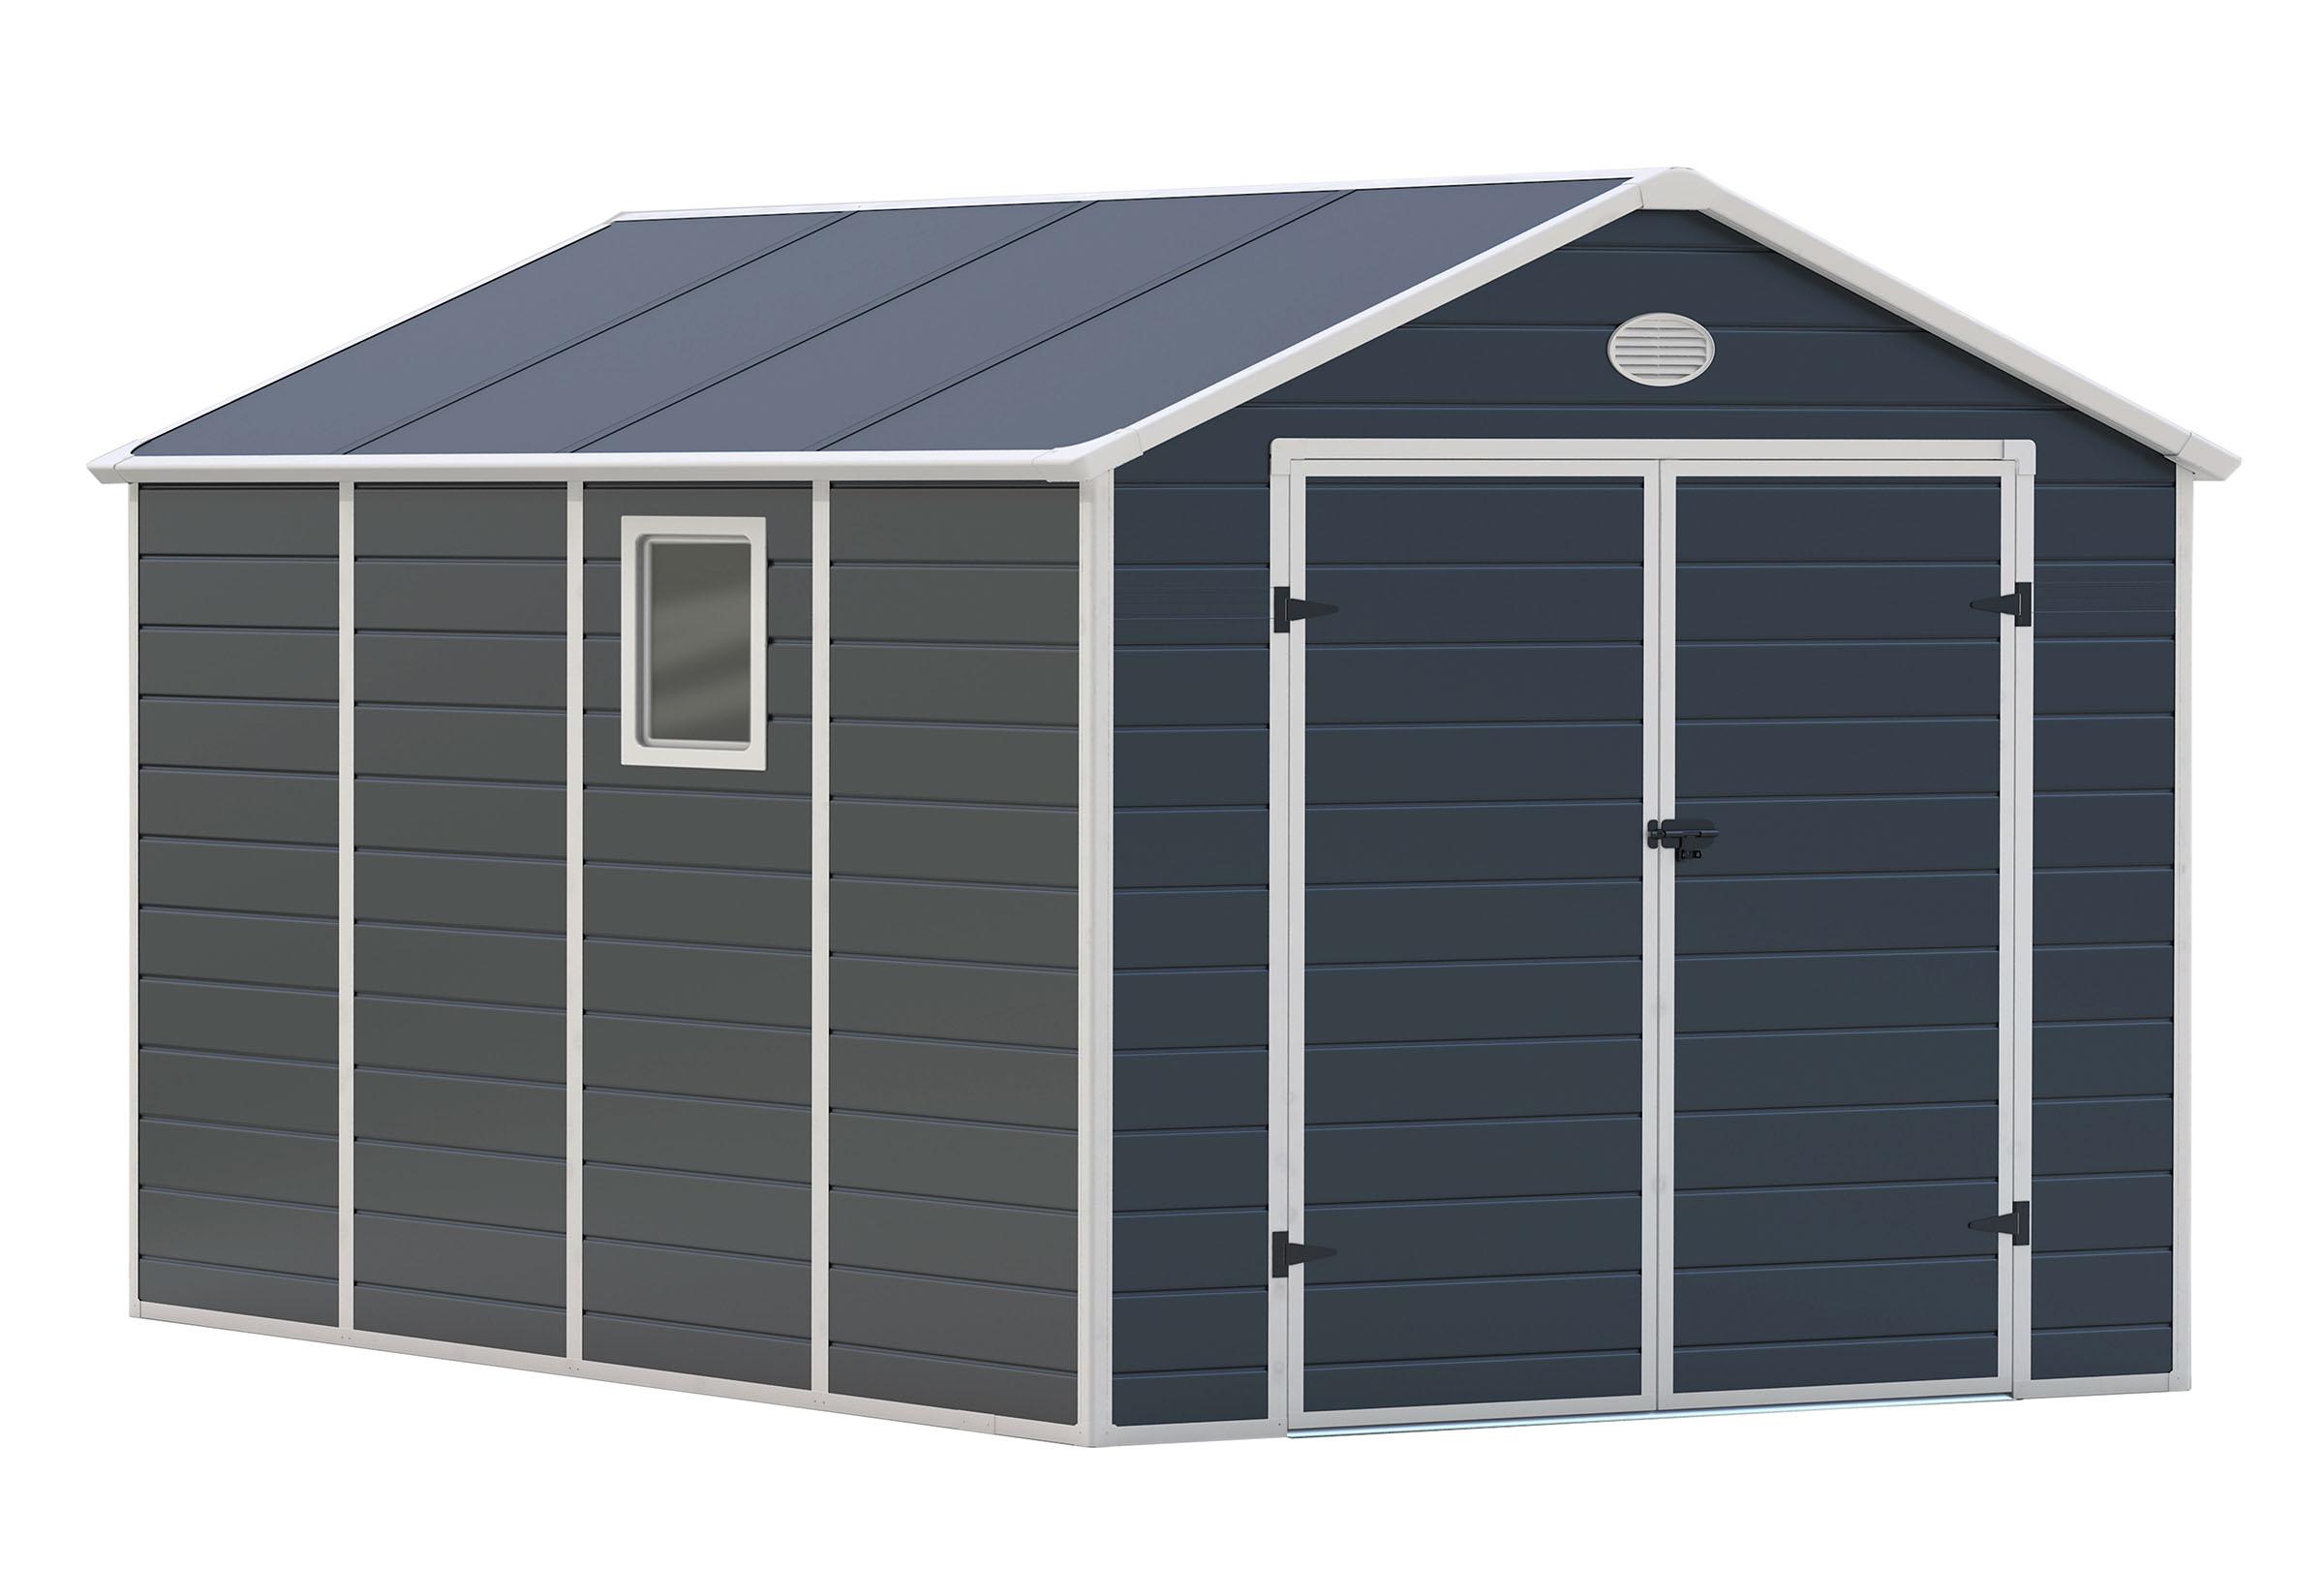 Zahradní domek G21 PAH 882 - 241 x 366 cm, plastový, šedý; PAH 882